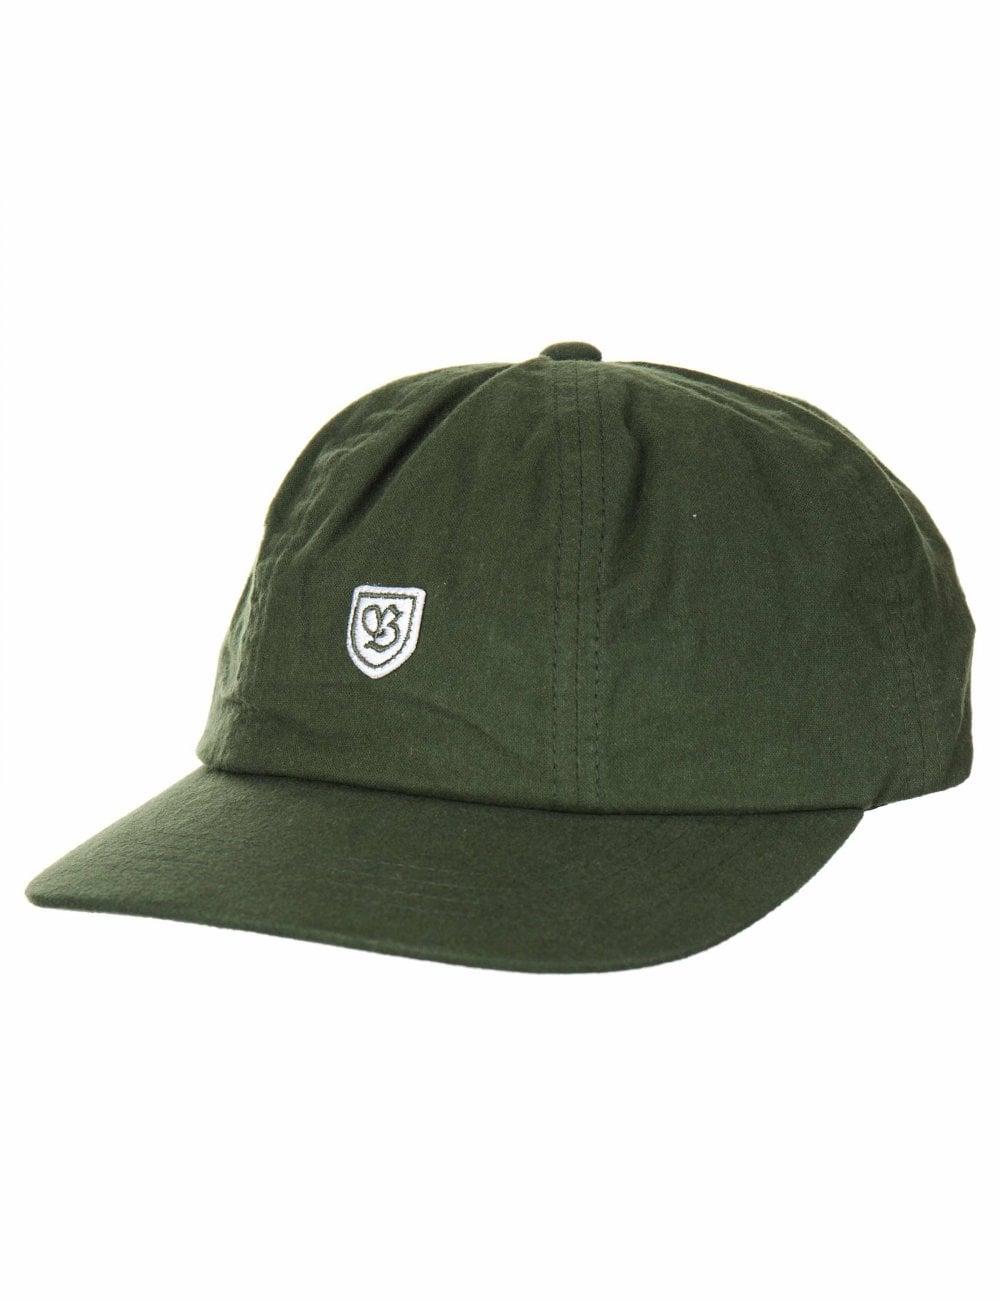 Brixton B-Shield III Cap - Leaf - Accessories from Fat Buddha Store UK 6f0a2f3c4ad